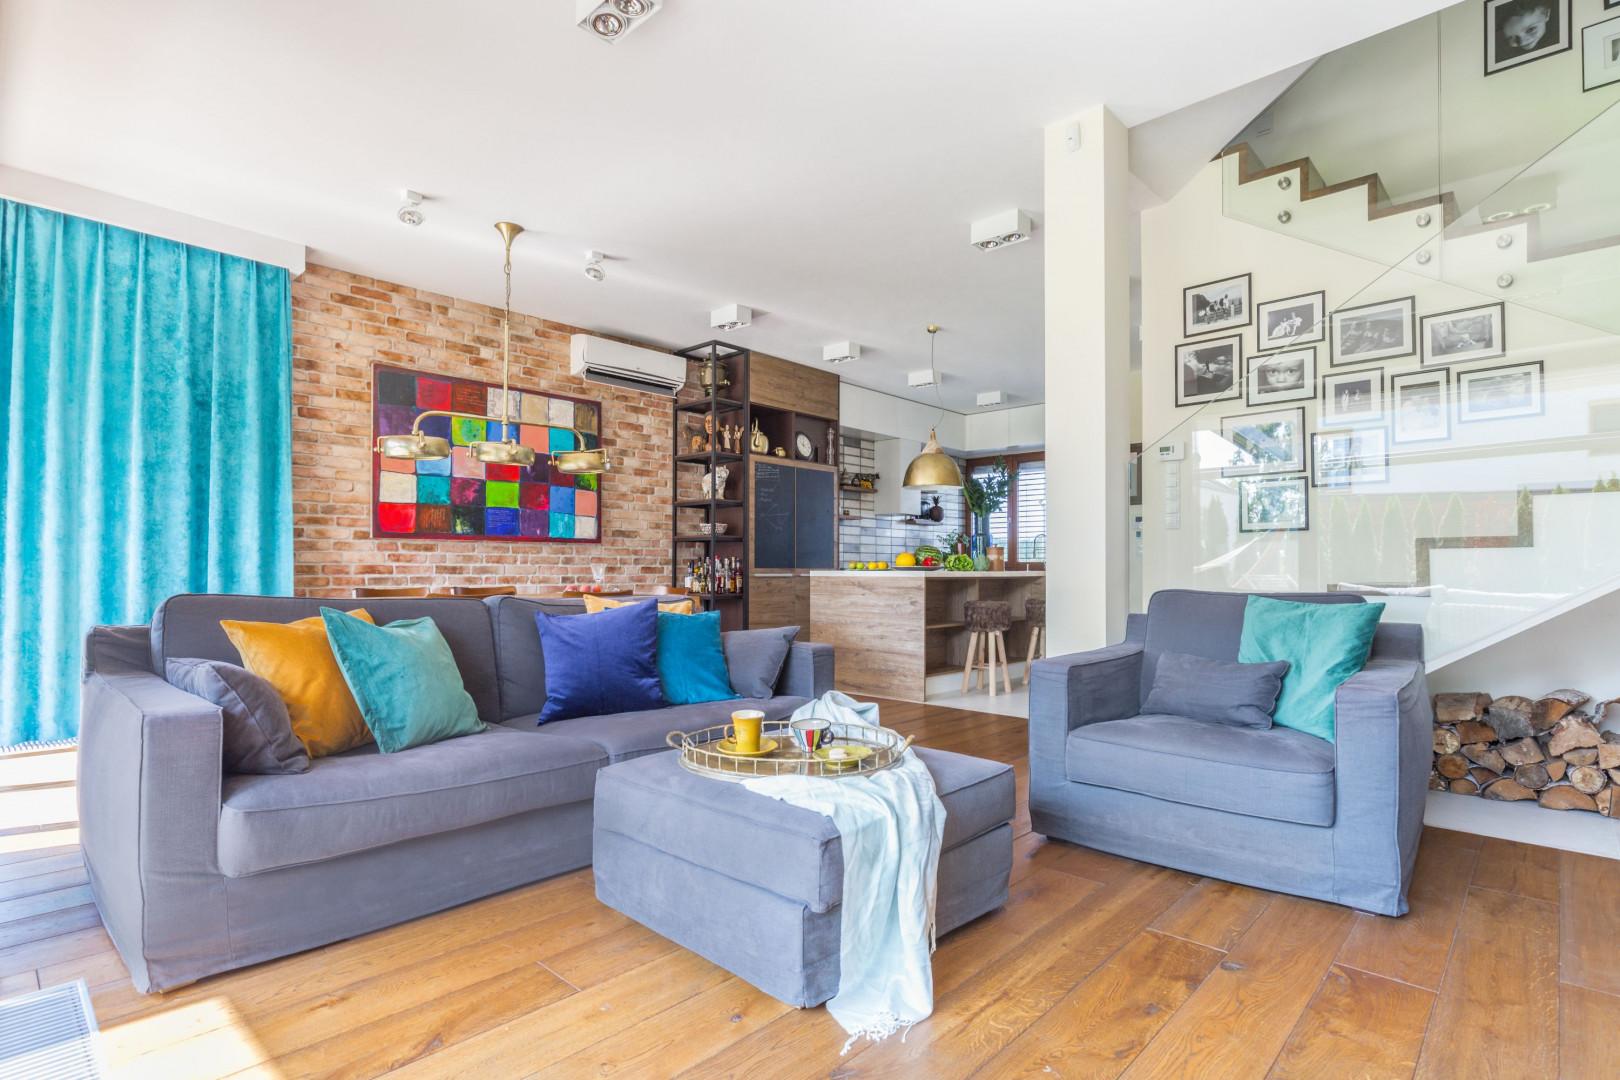 Rok 2019 był rekordowy w liczbie oddawanych mieszkań. Projekt Monika Pniewska. Fot. Pion Poziom